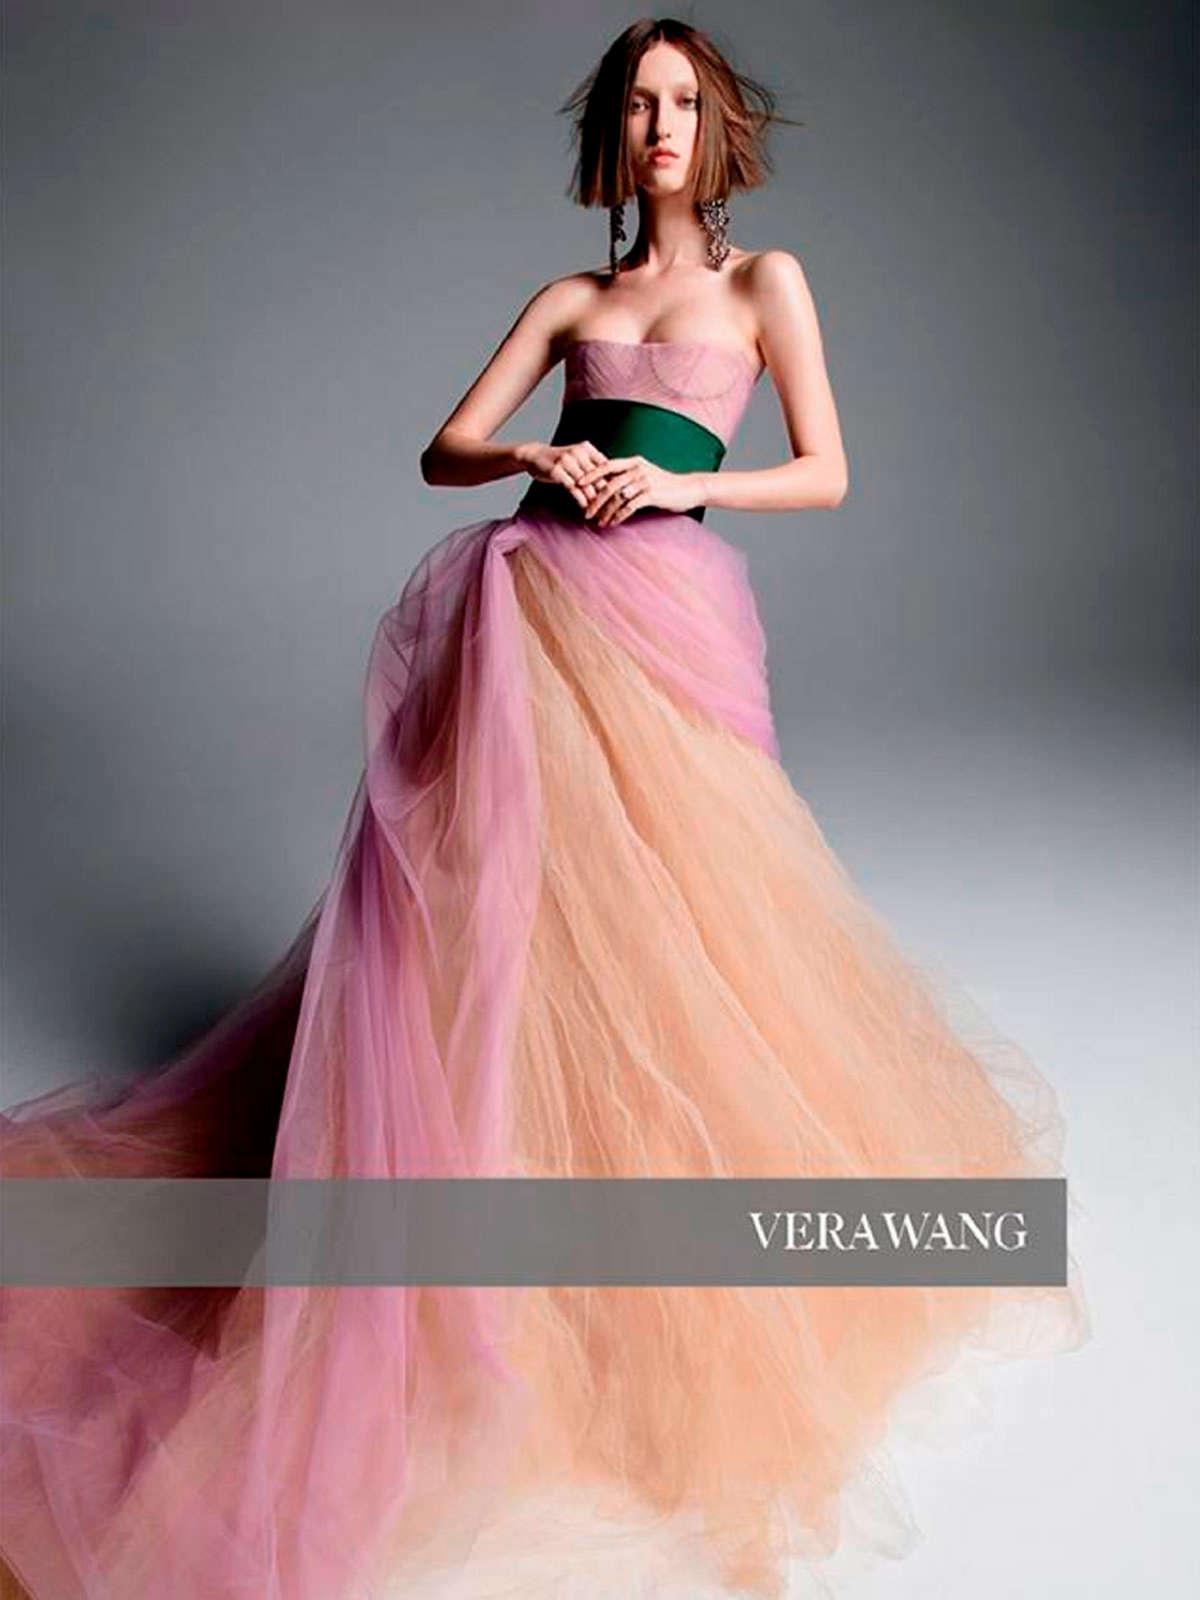 Vera Wang – Ofertas, catálogo y folletos - Ofertia